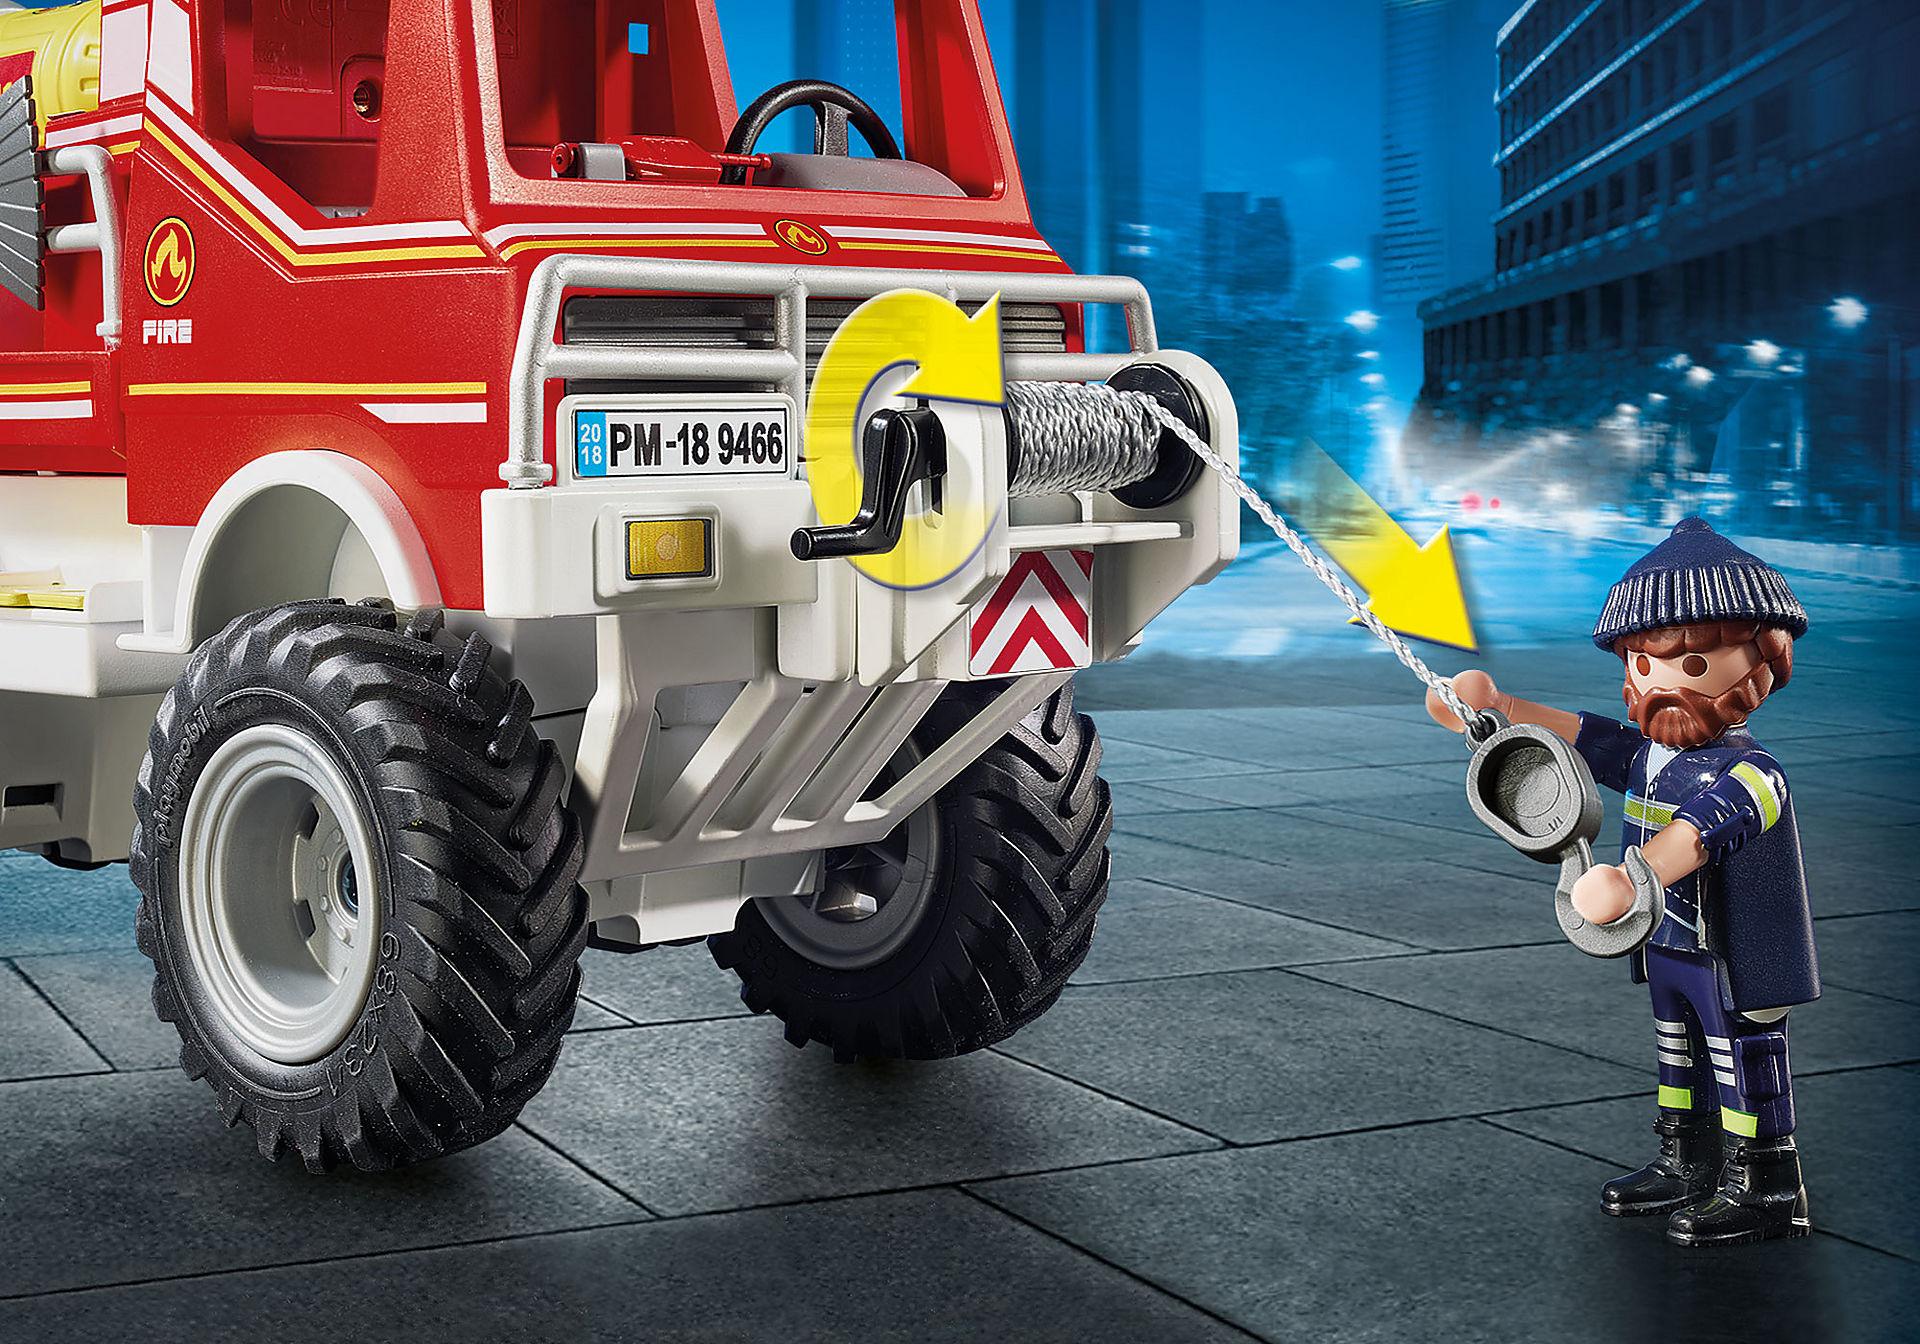 9466 Terenowy wóz strażacki zoom image5